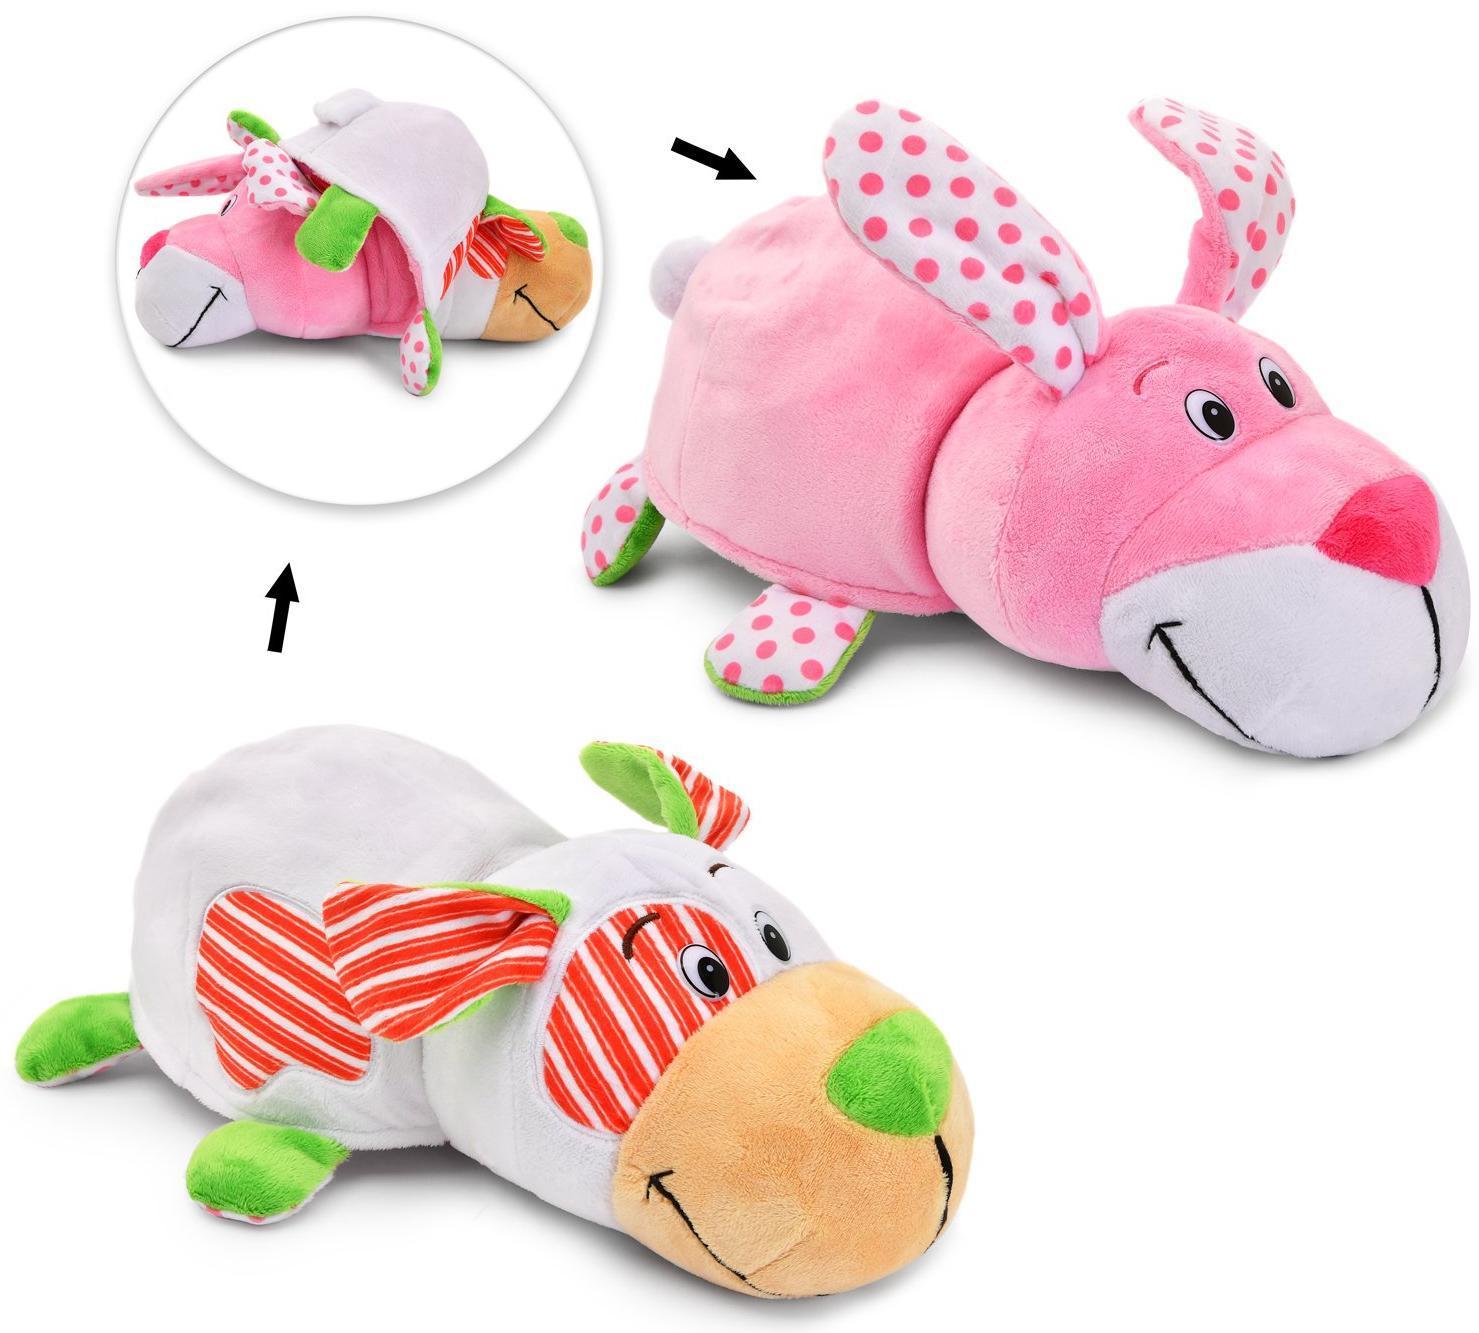 Купить 1Toy Зайчик - Собачка с ароматом Ням-Ням - 35 см - игрушка вывернушка, Вывернушки 1Toy, Китай